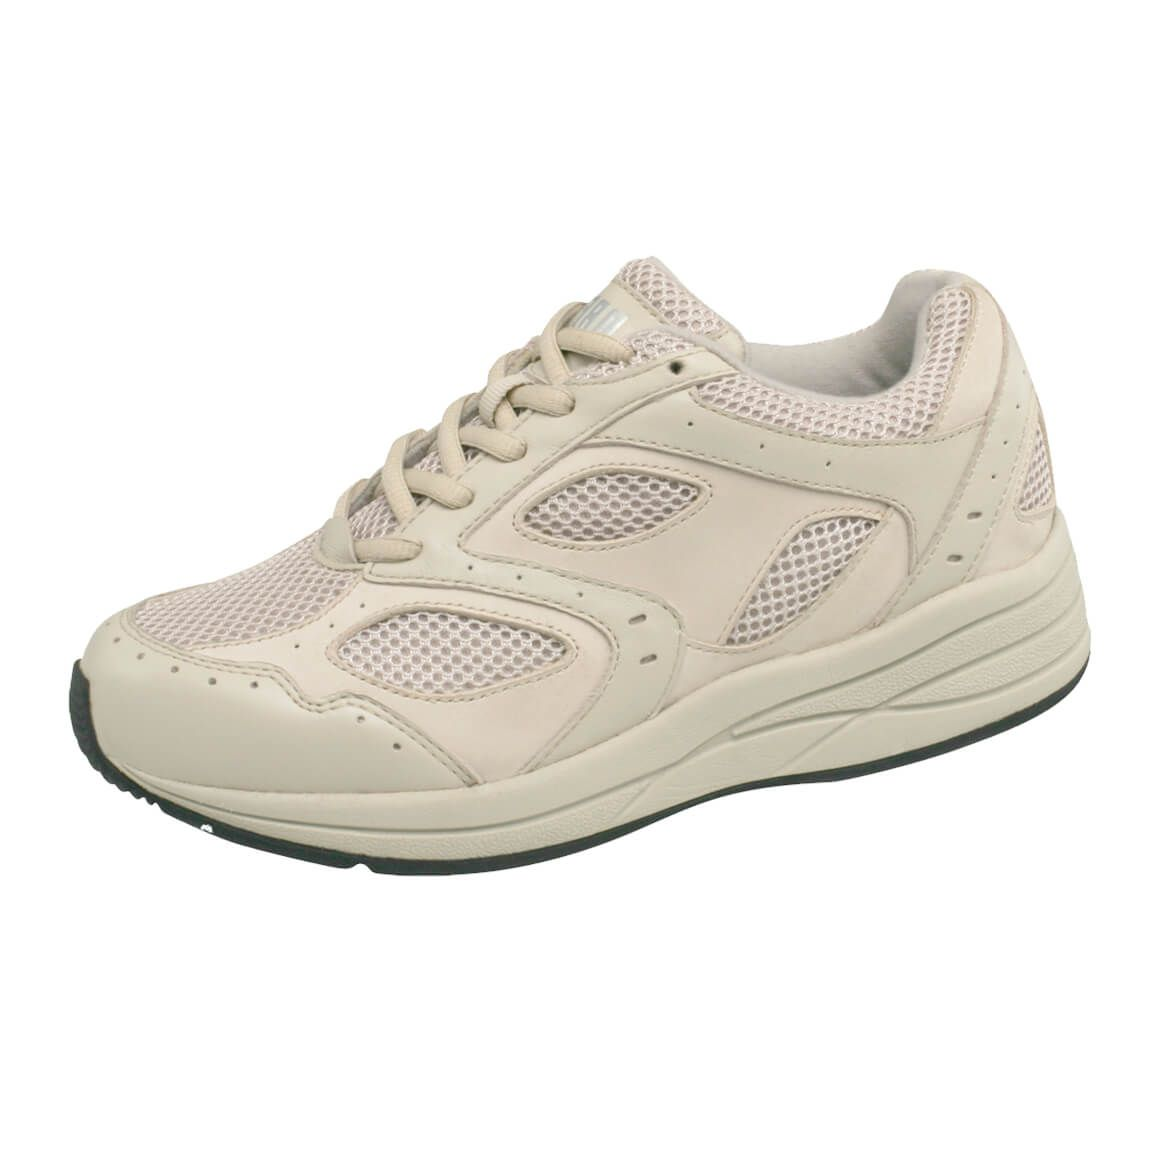 Drew® Flare Women's Walking Shoe - RTV-363604